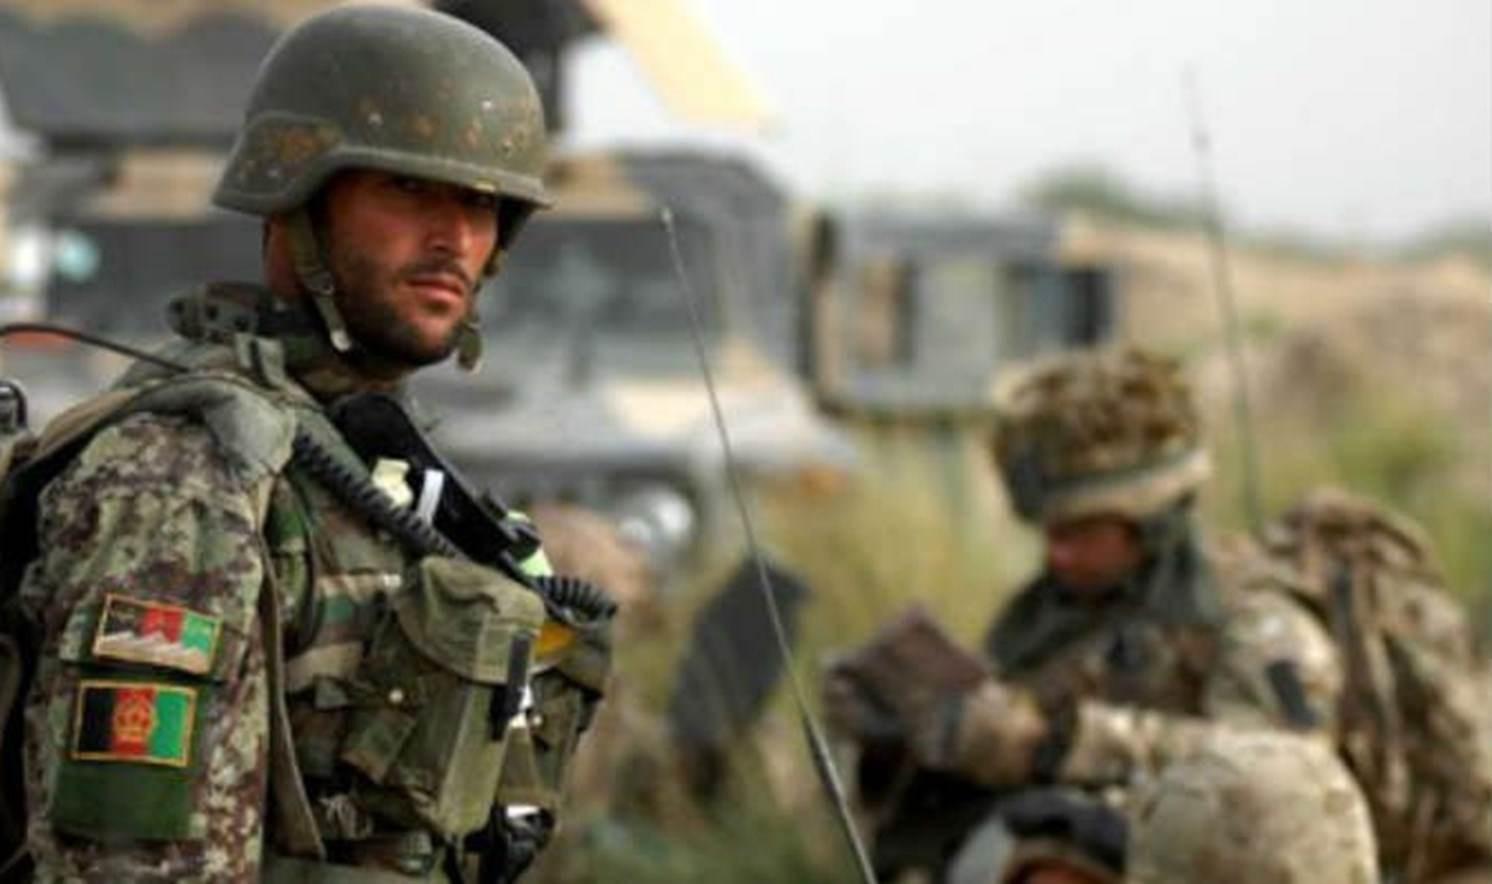 بعد اعتداءات كابول.. الرئيس الأفغاني يأمر الجيش بالتحول إلى الوضع الهجومي